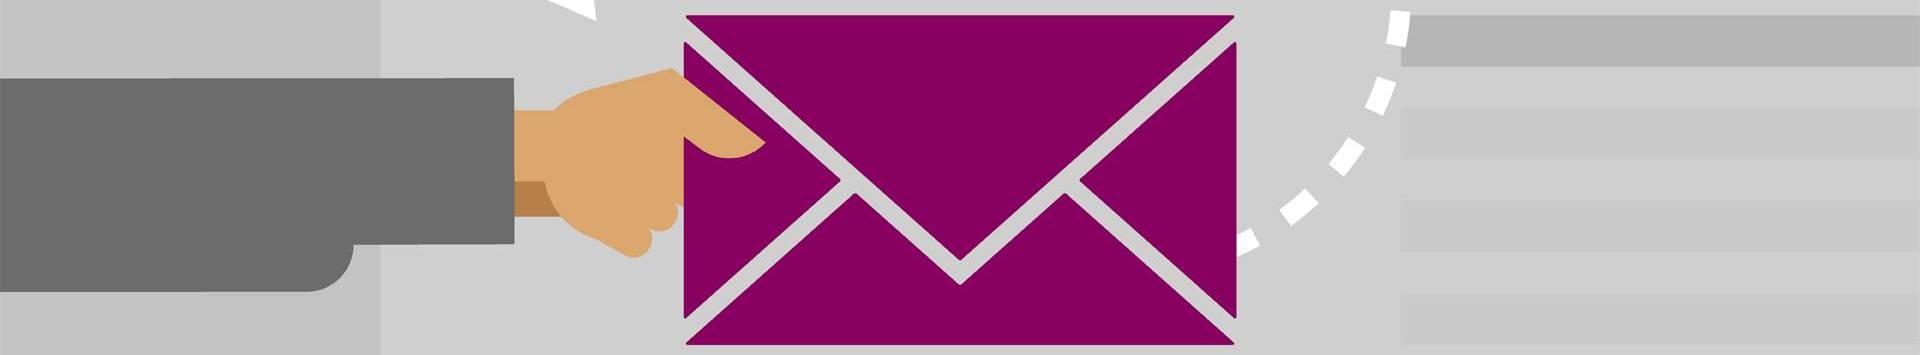 Παράδοση επαγγελματικού email